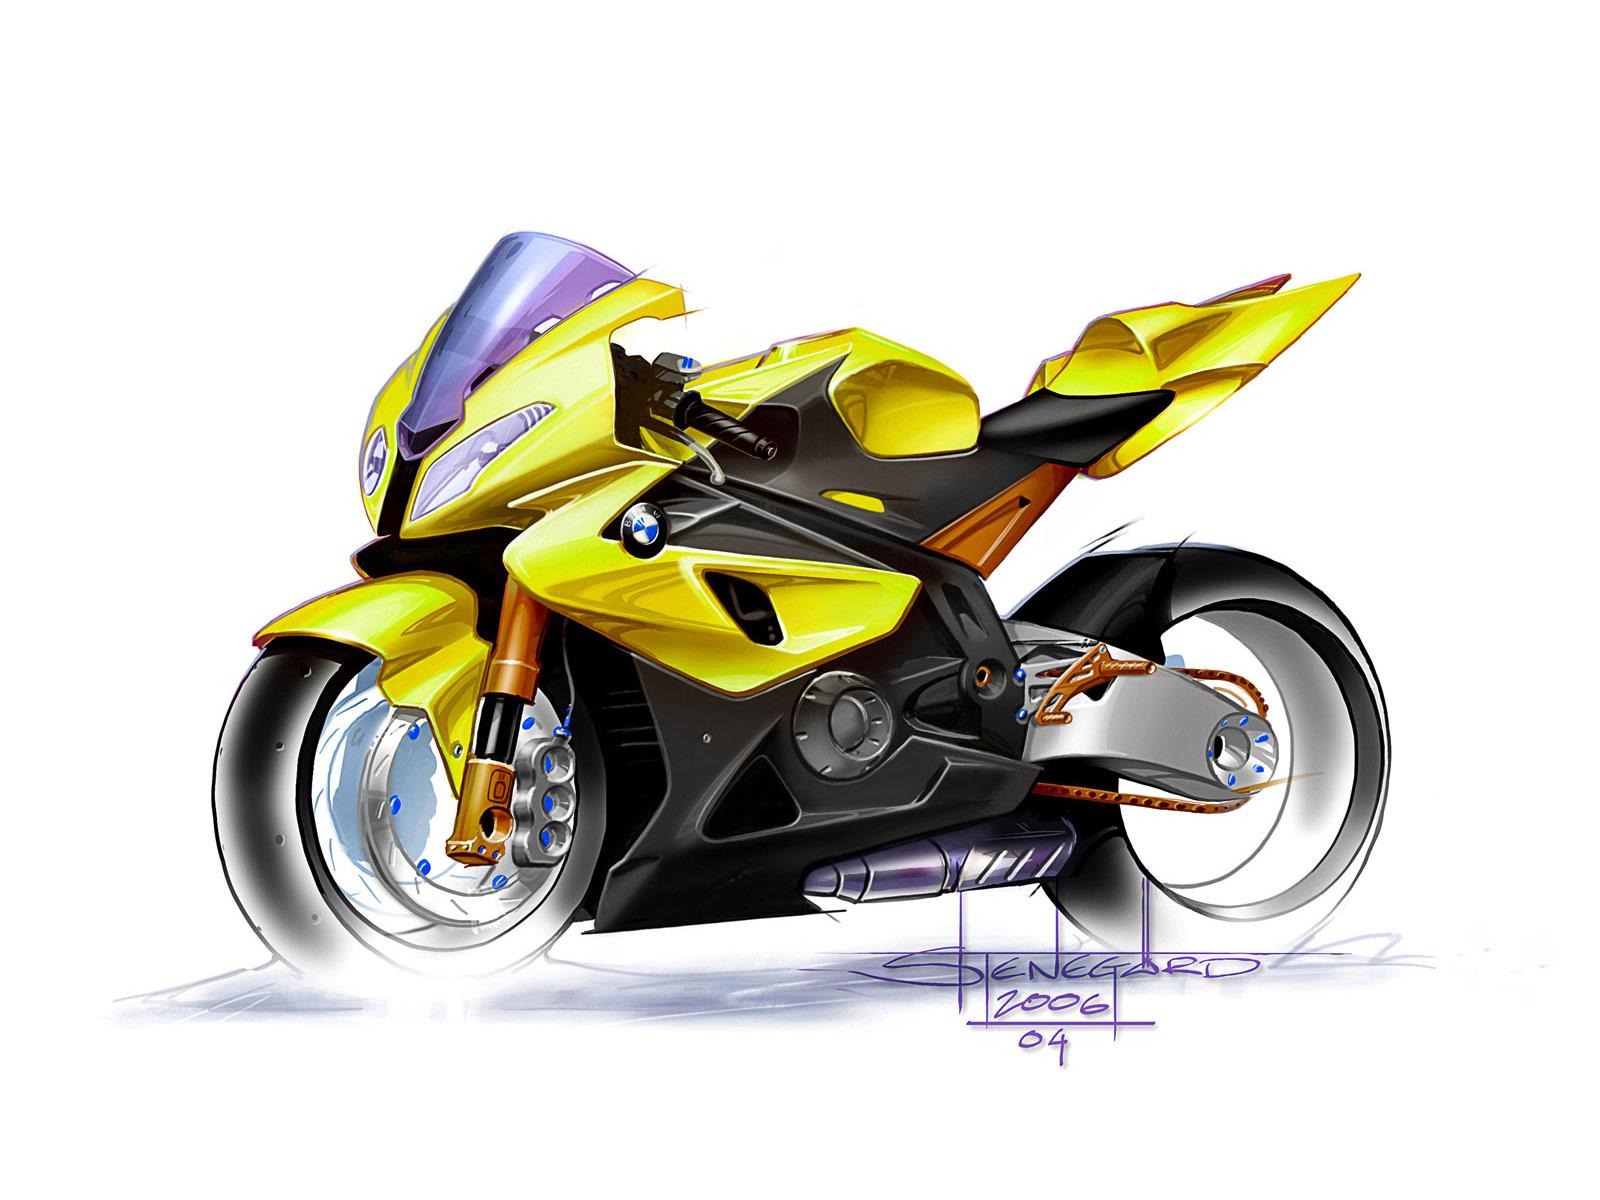 http://1.bp.blogspot.com/-JBpOq9PVCCY/TnYKn-nanOI/AAAAAAAAD20/7-zTRnVEPSw/s1600/2011-S1000RR_BMW-desktop-wallpapers_4.jpg